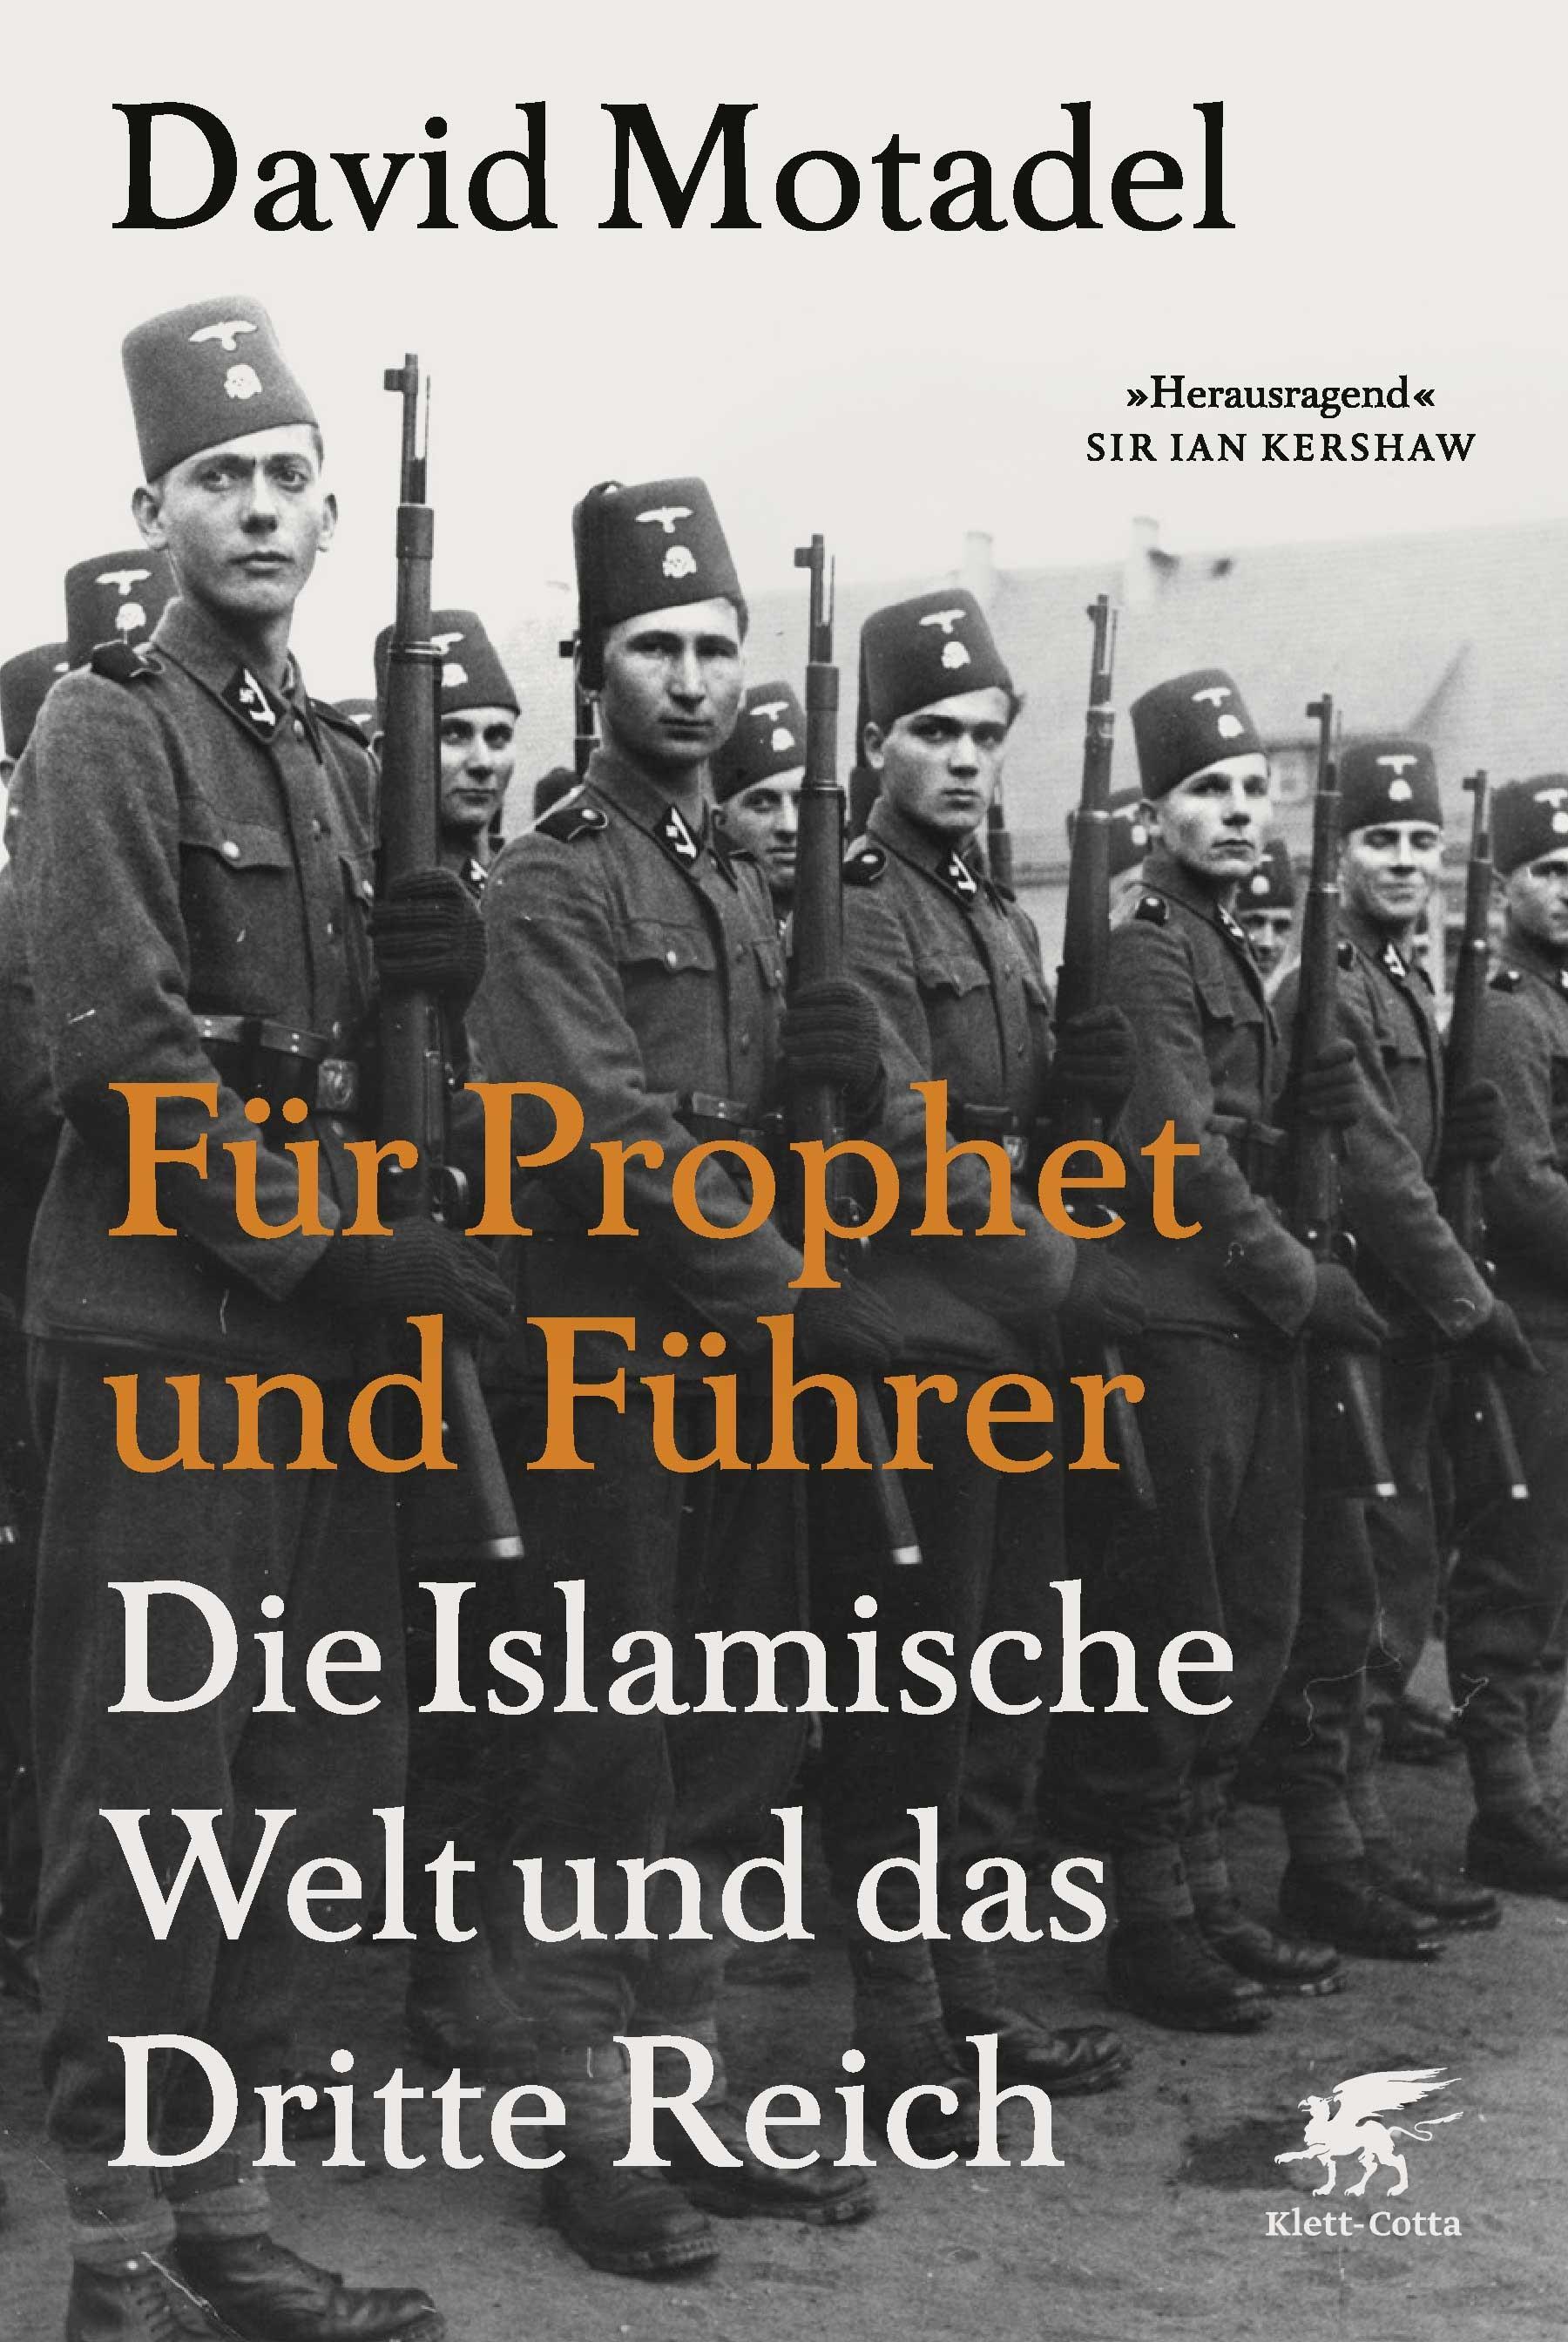 Für Prophet und Führer | Motadel, 2017 | Buch (Cover)